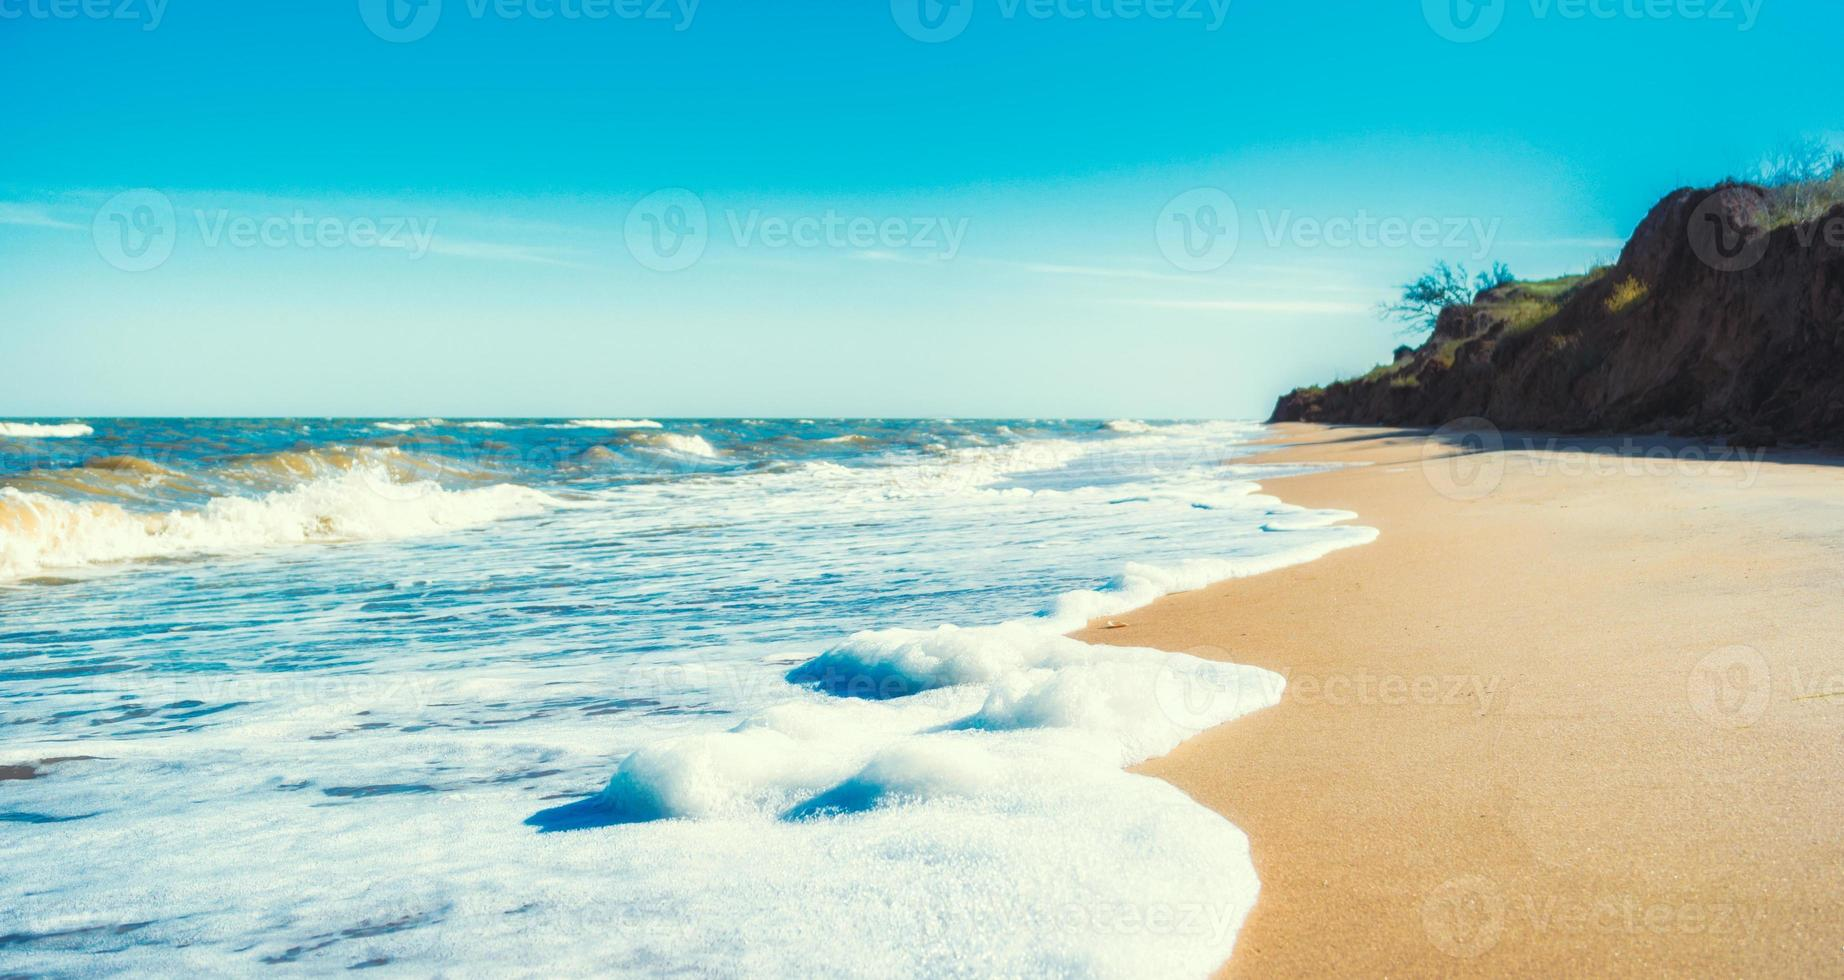 spiaggia deserta durante il giorno foto